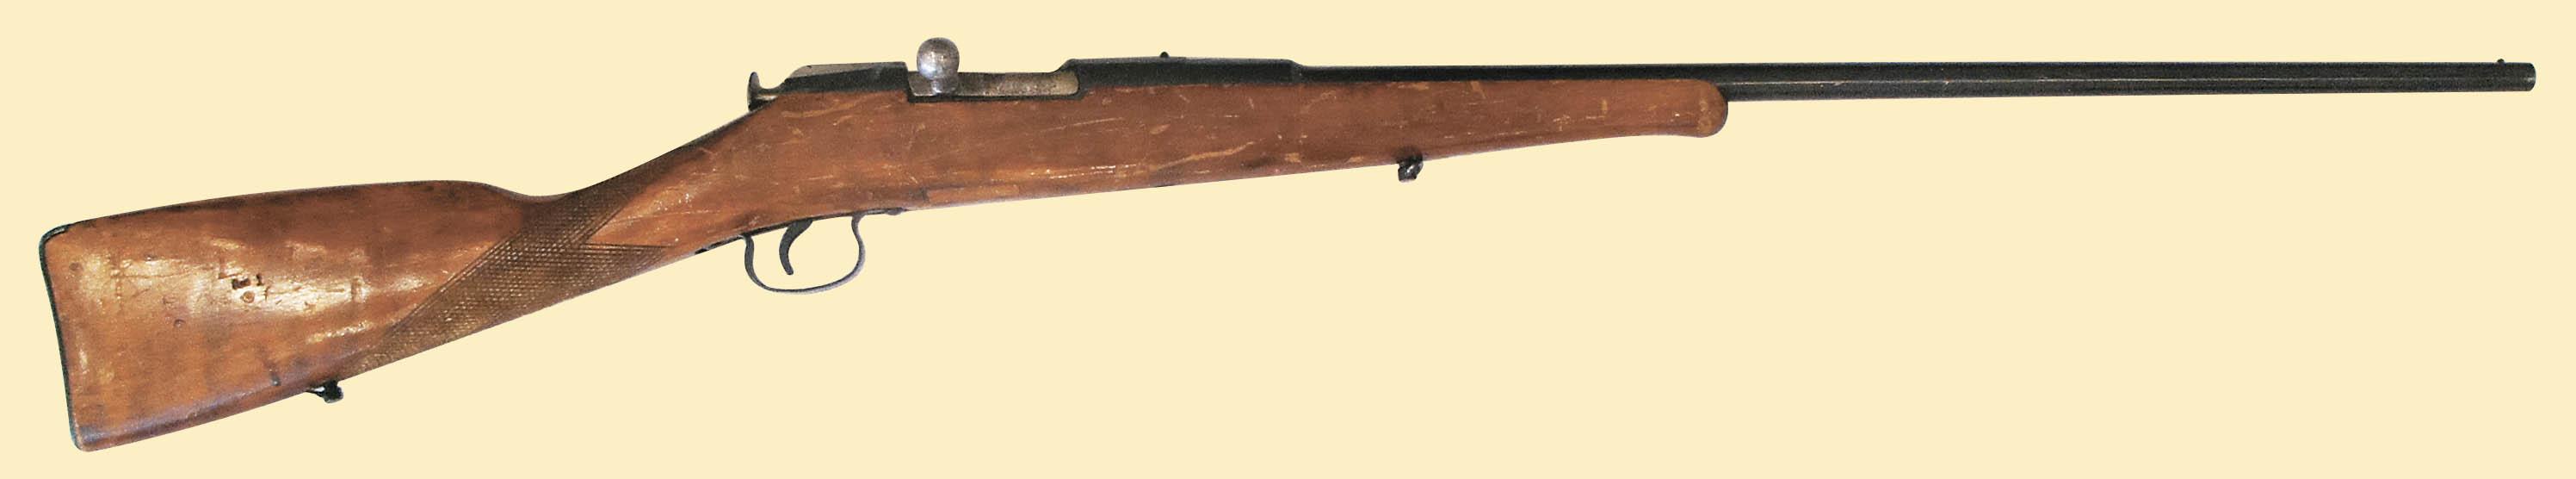 Ружьё охотничье одноствольное однозарядное гладкоствольное Р-32 конструкции Д.М. Кочетова